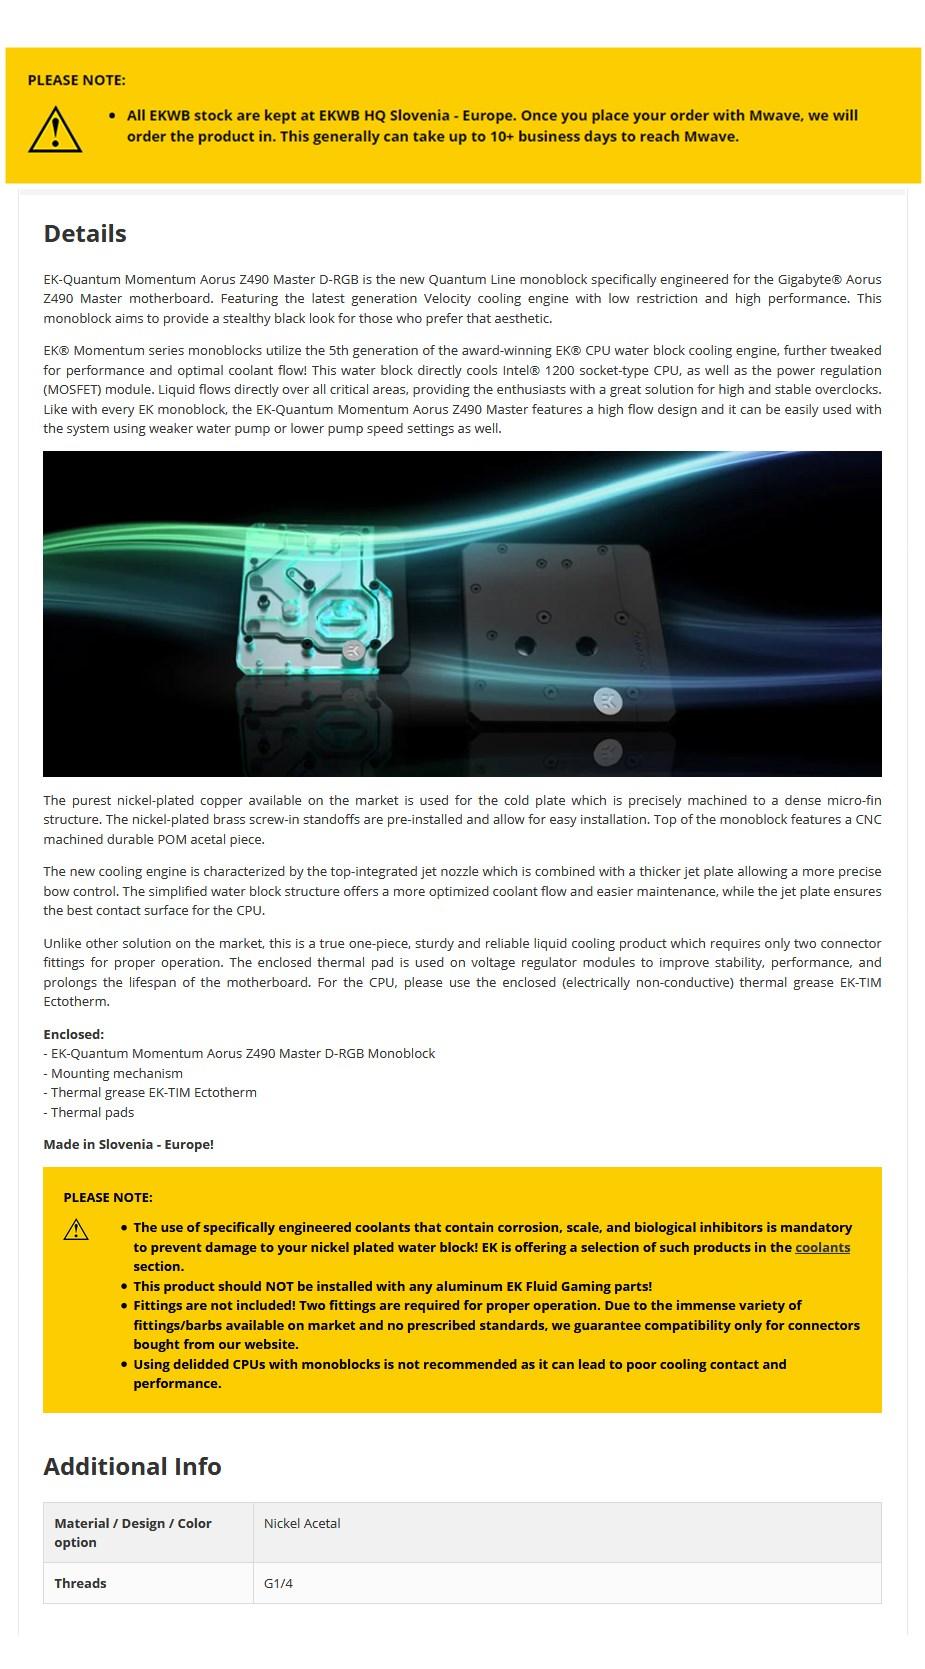 EKWB EK-Momentum RGB Quantum Line Monoblock for Gigabyte Z490 AORUS Master D-RGB - Overview 1